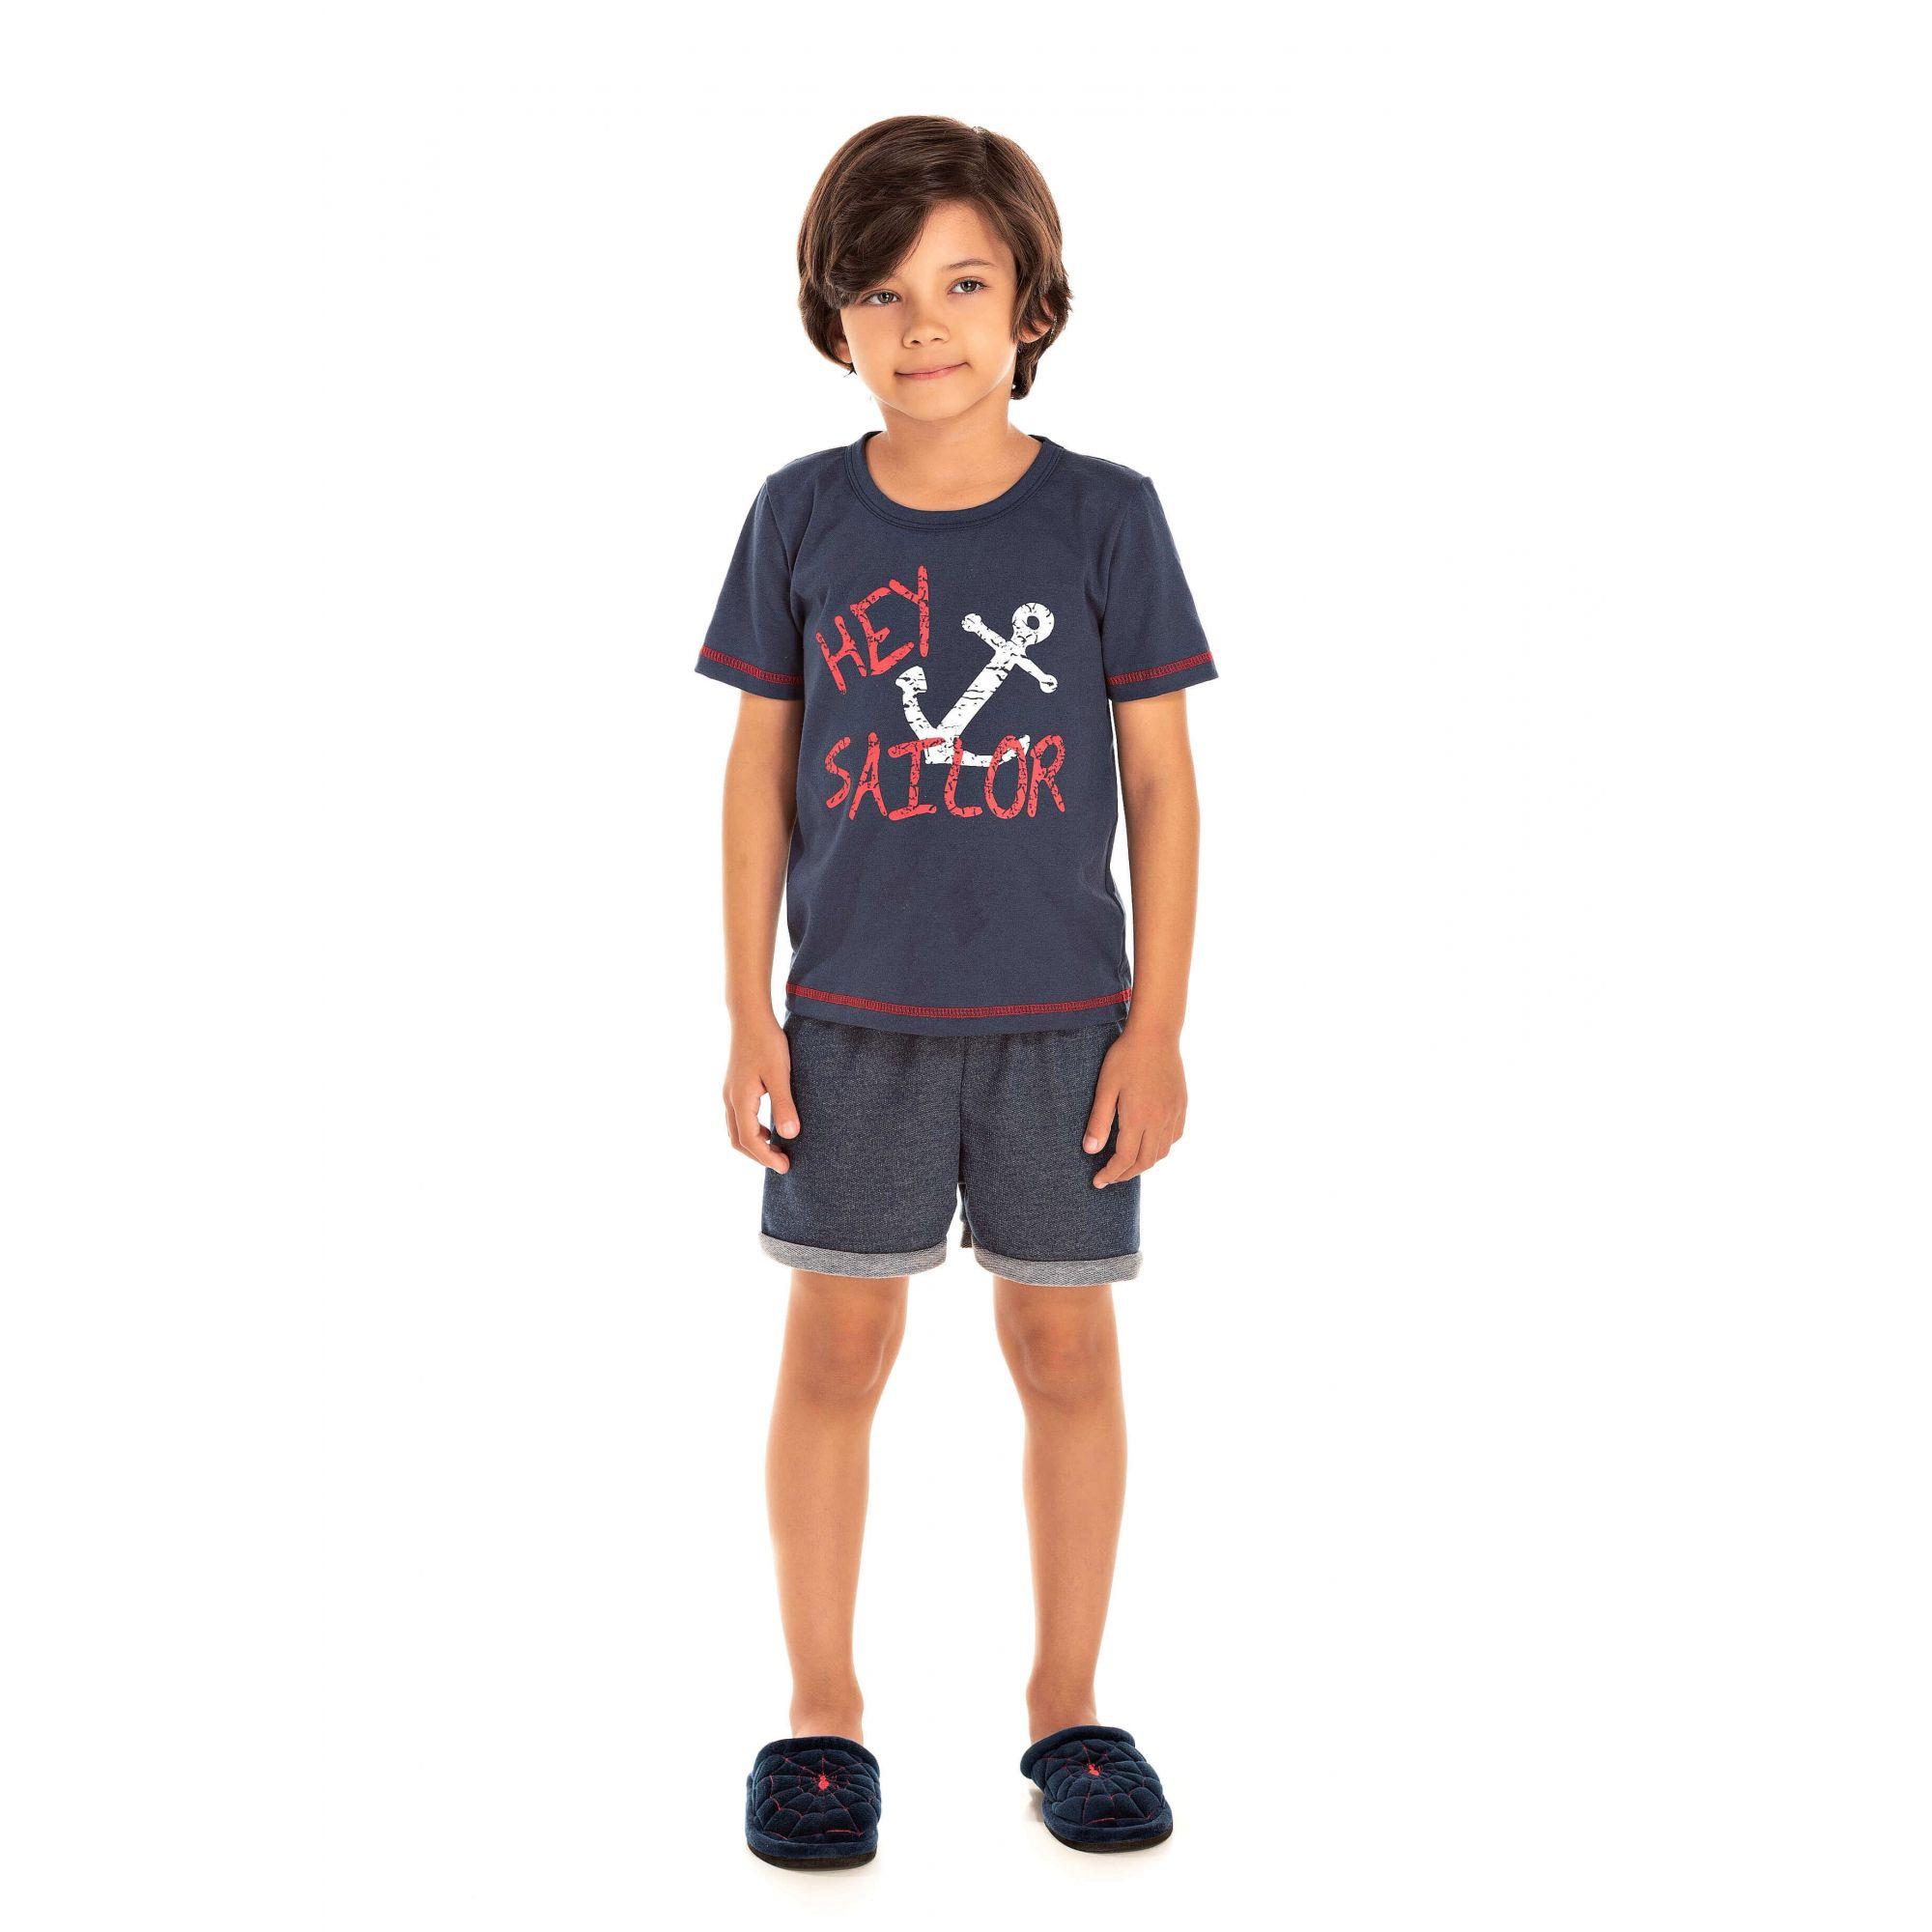 012 - Pijama Infantil Masculino Hey Sailor -  Marinho